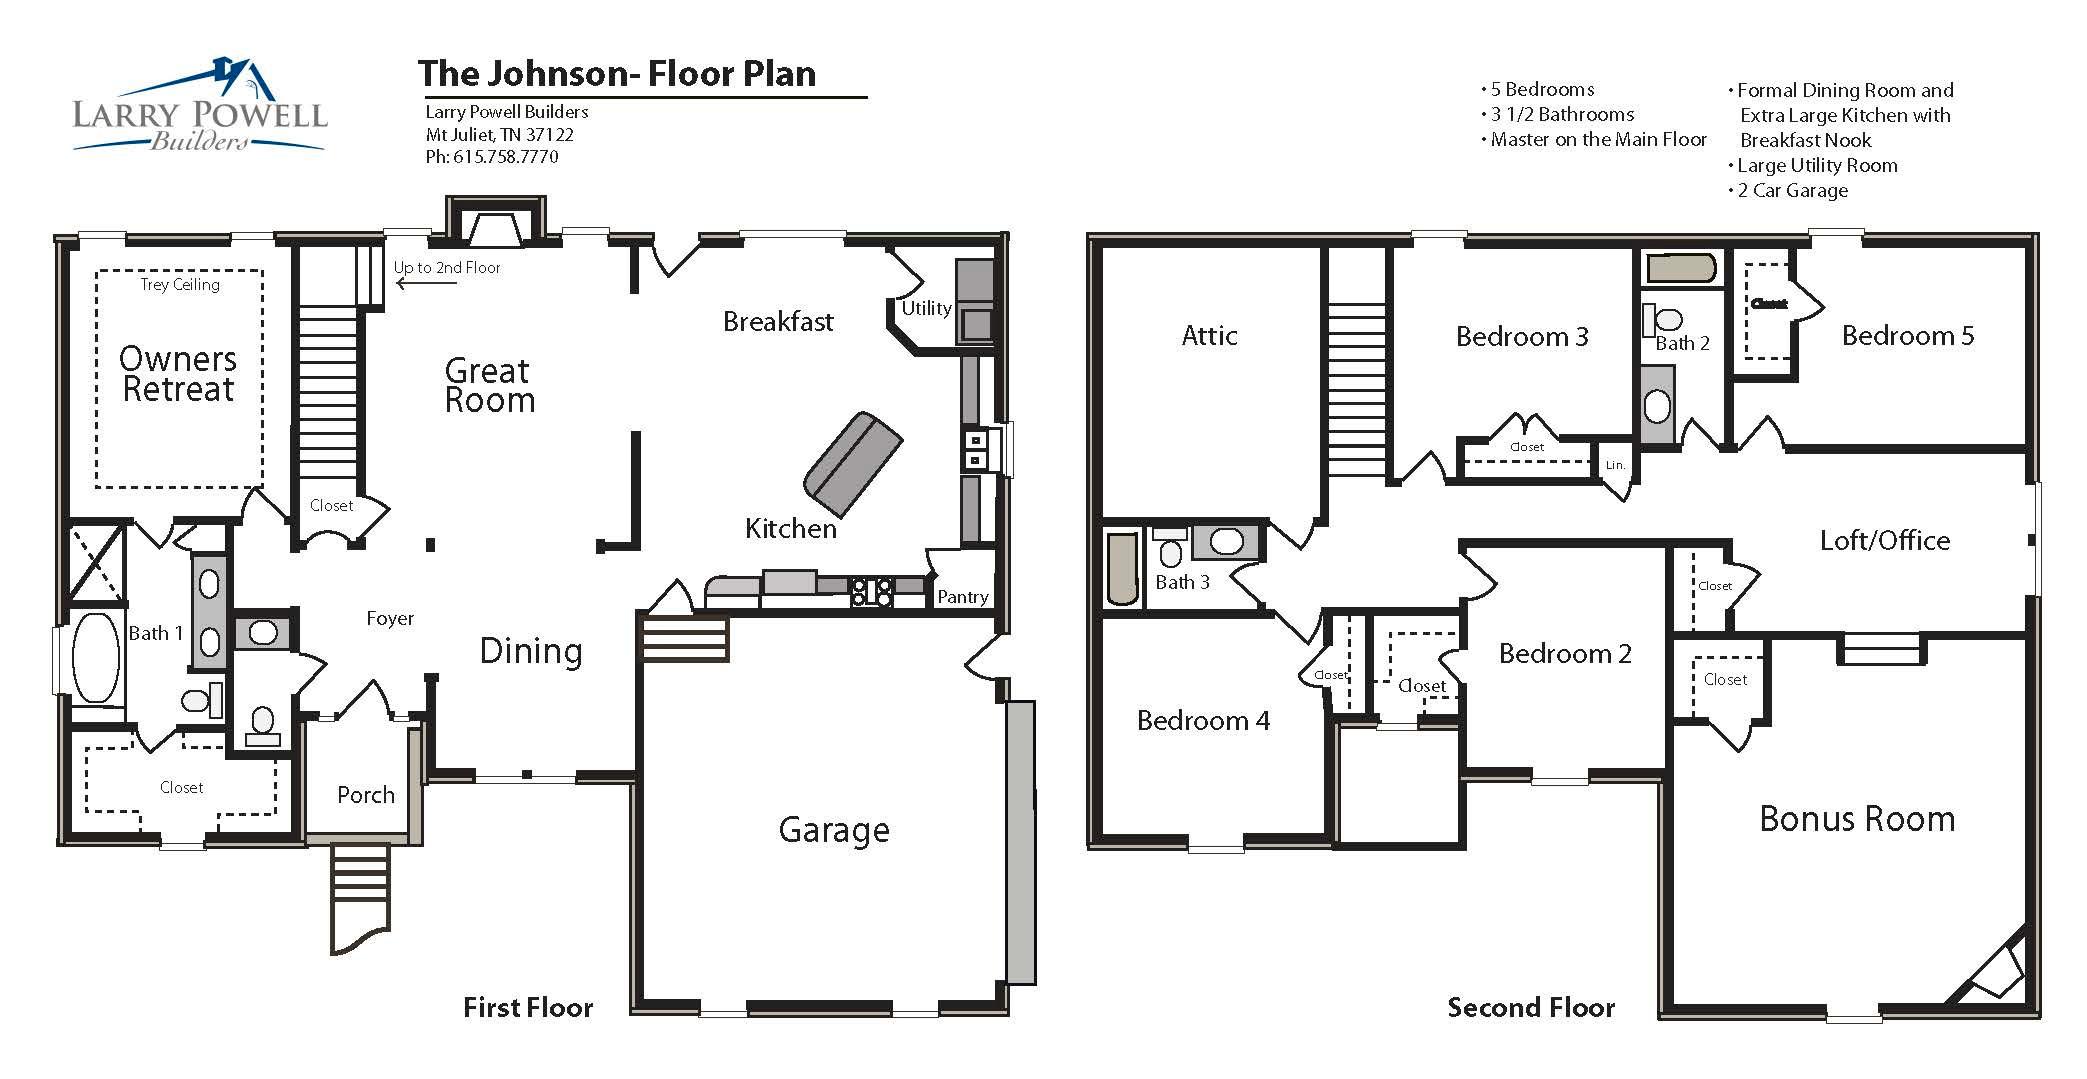 The Johnson Floor Plan